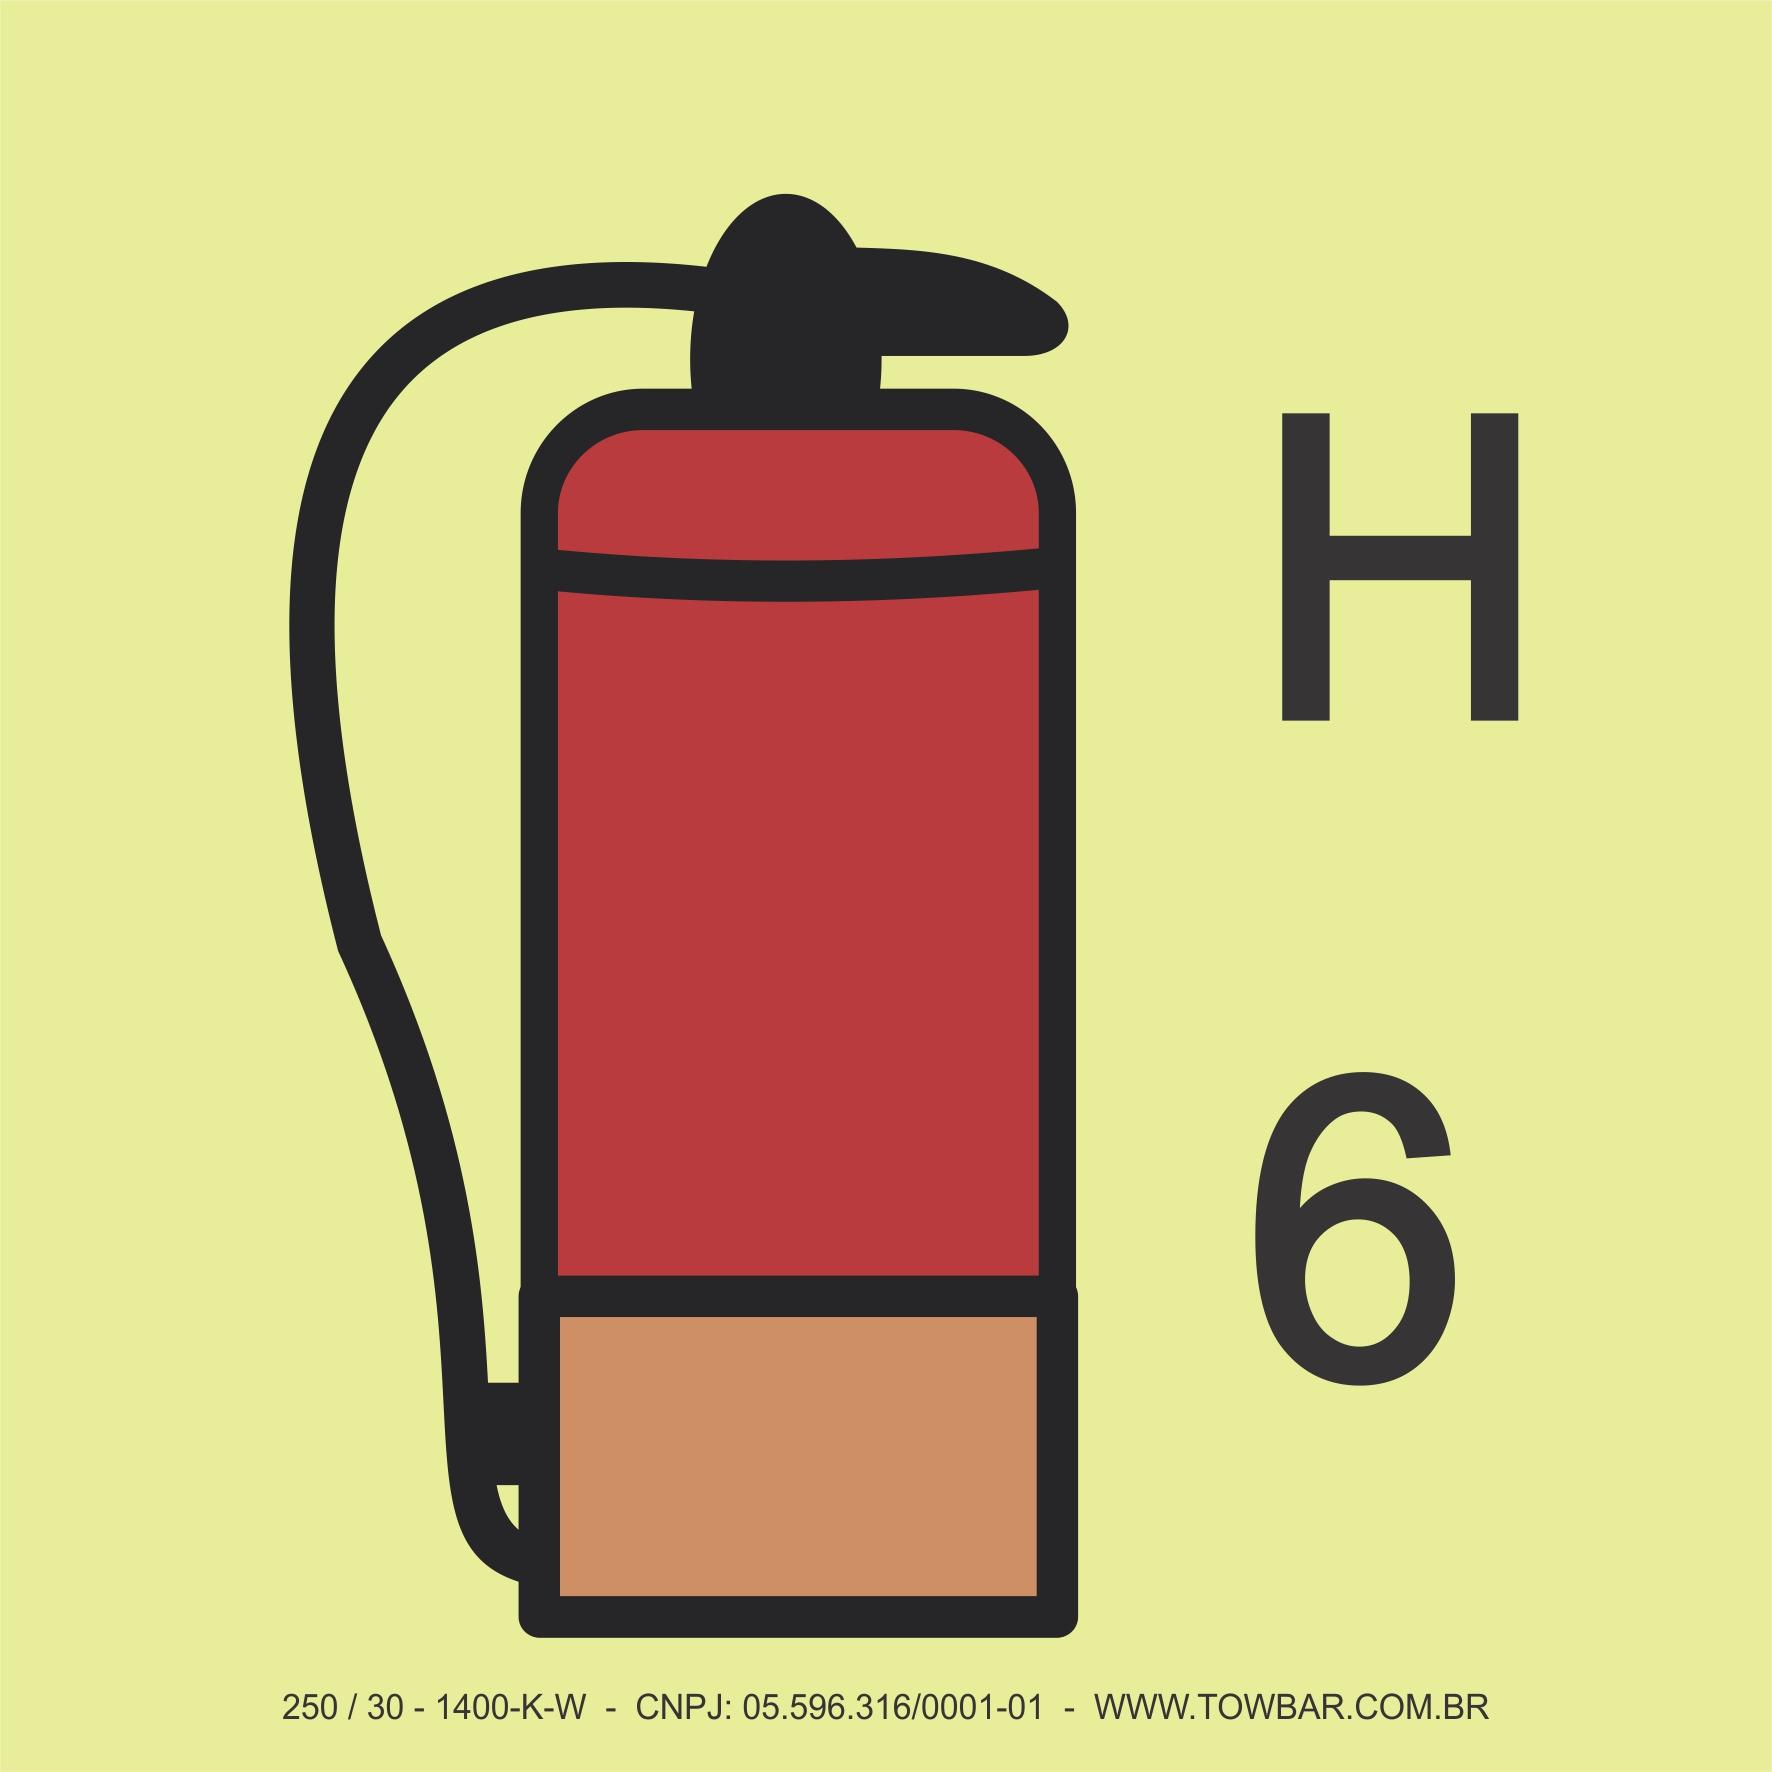 Extintor de Incêndio (gases diferentes CO2; Nitrogênio)  (Fire Extinguisher (gases other than CO2 & Nitrogen))  - Towbar Sinalização de Segurança